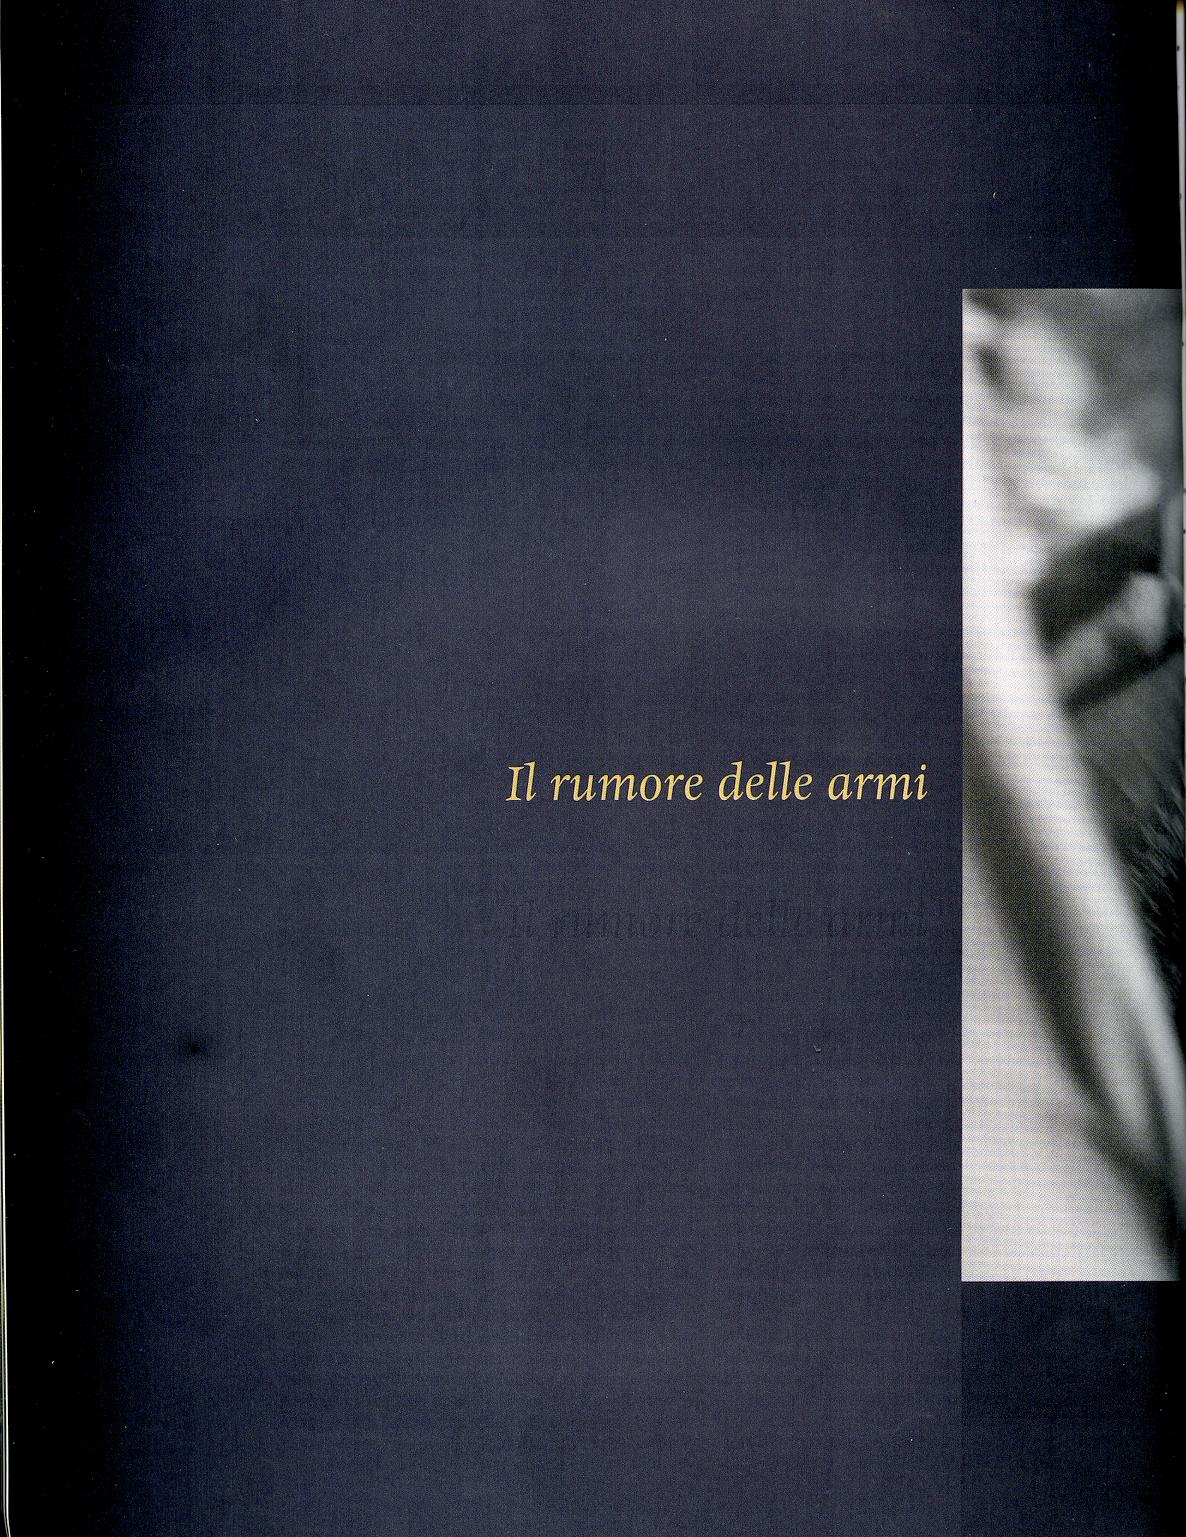 09122002_UN ANNO DOPO_FEATURE COVER_1.jpg